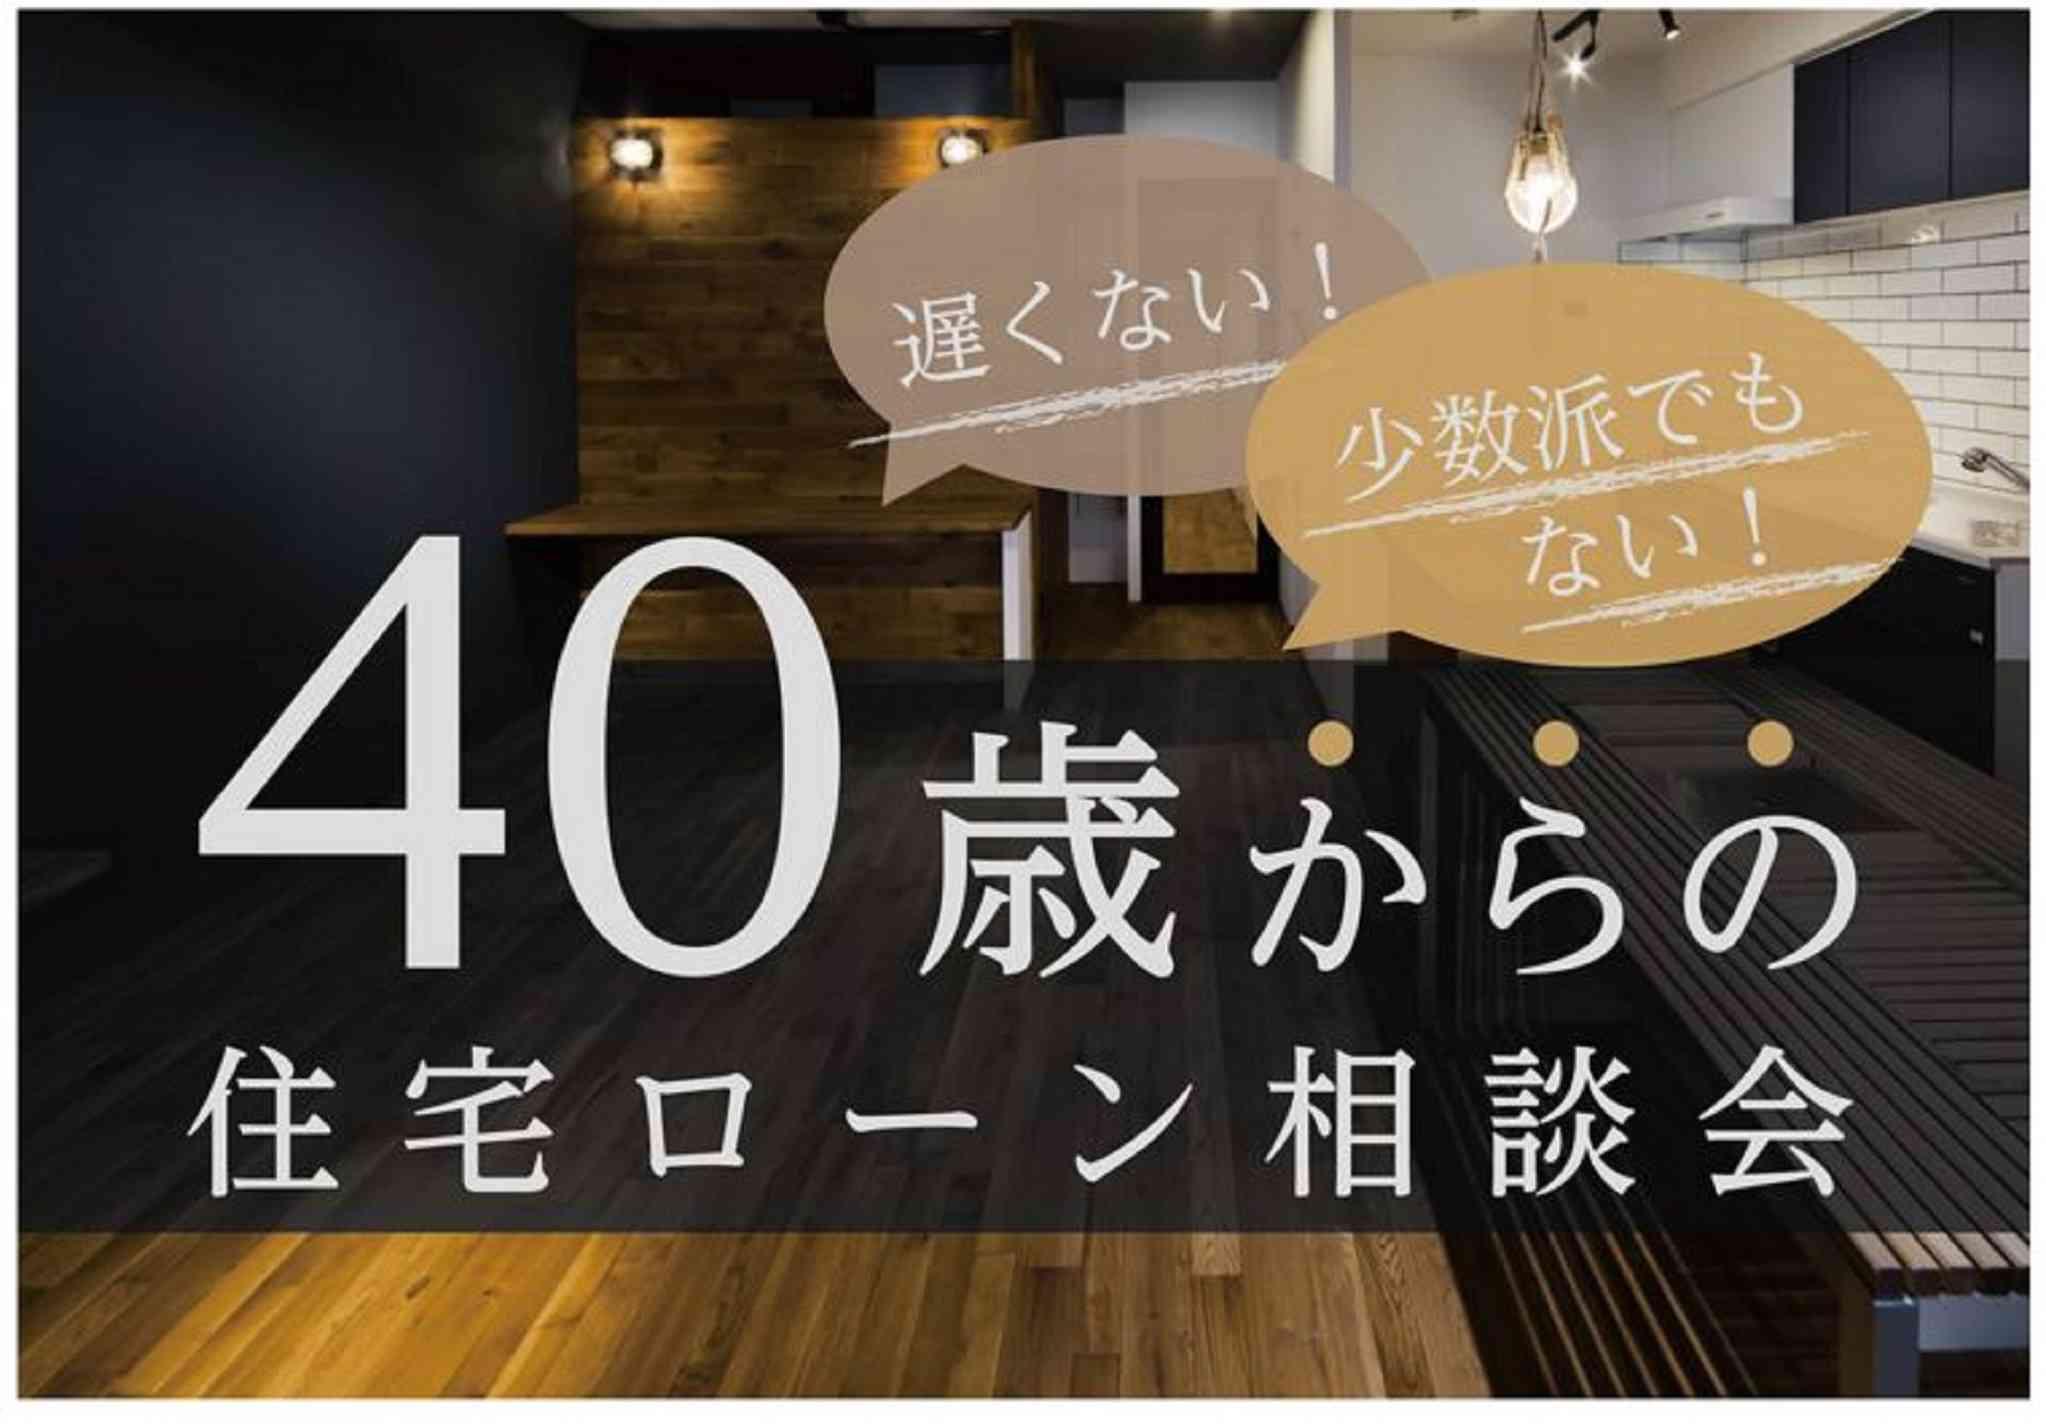 40歳からの住宅ローン相談会!!